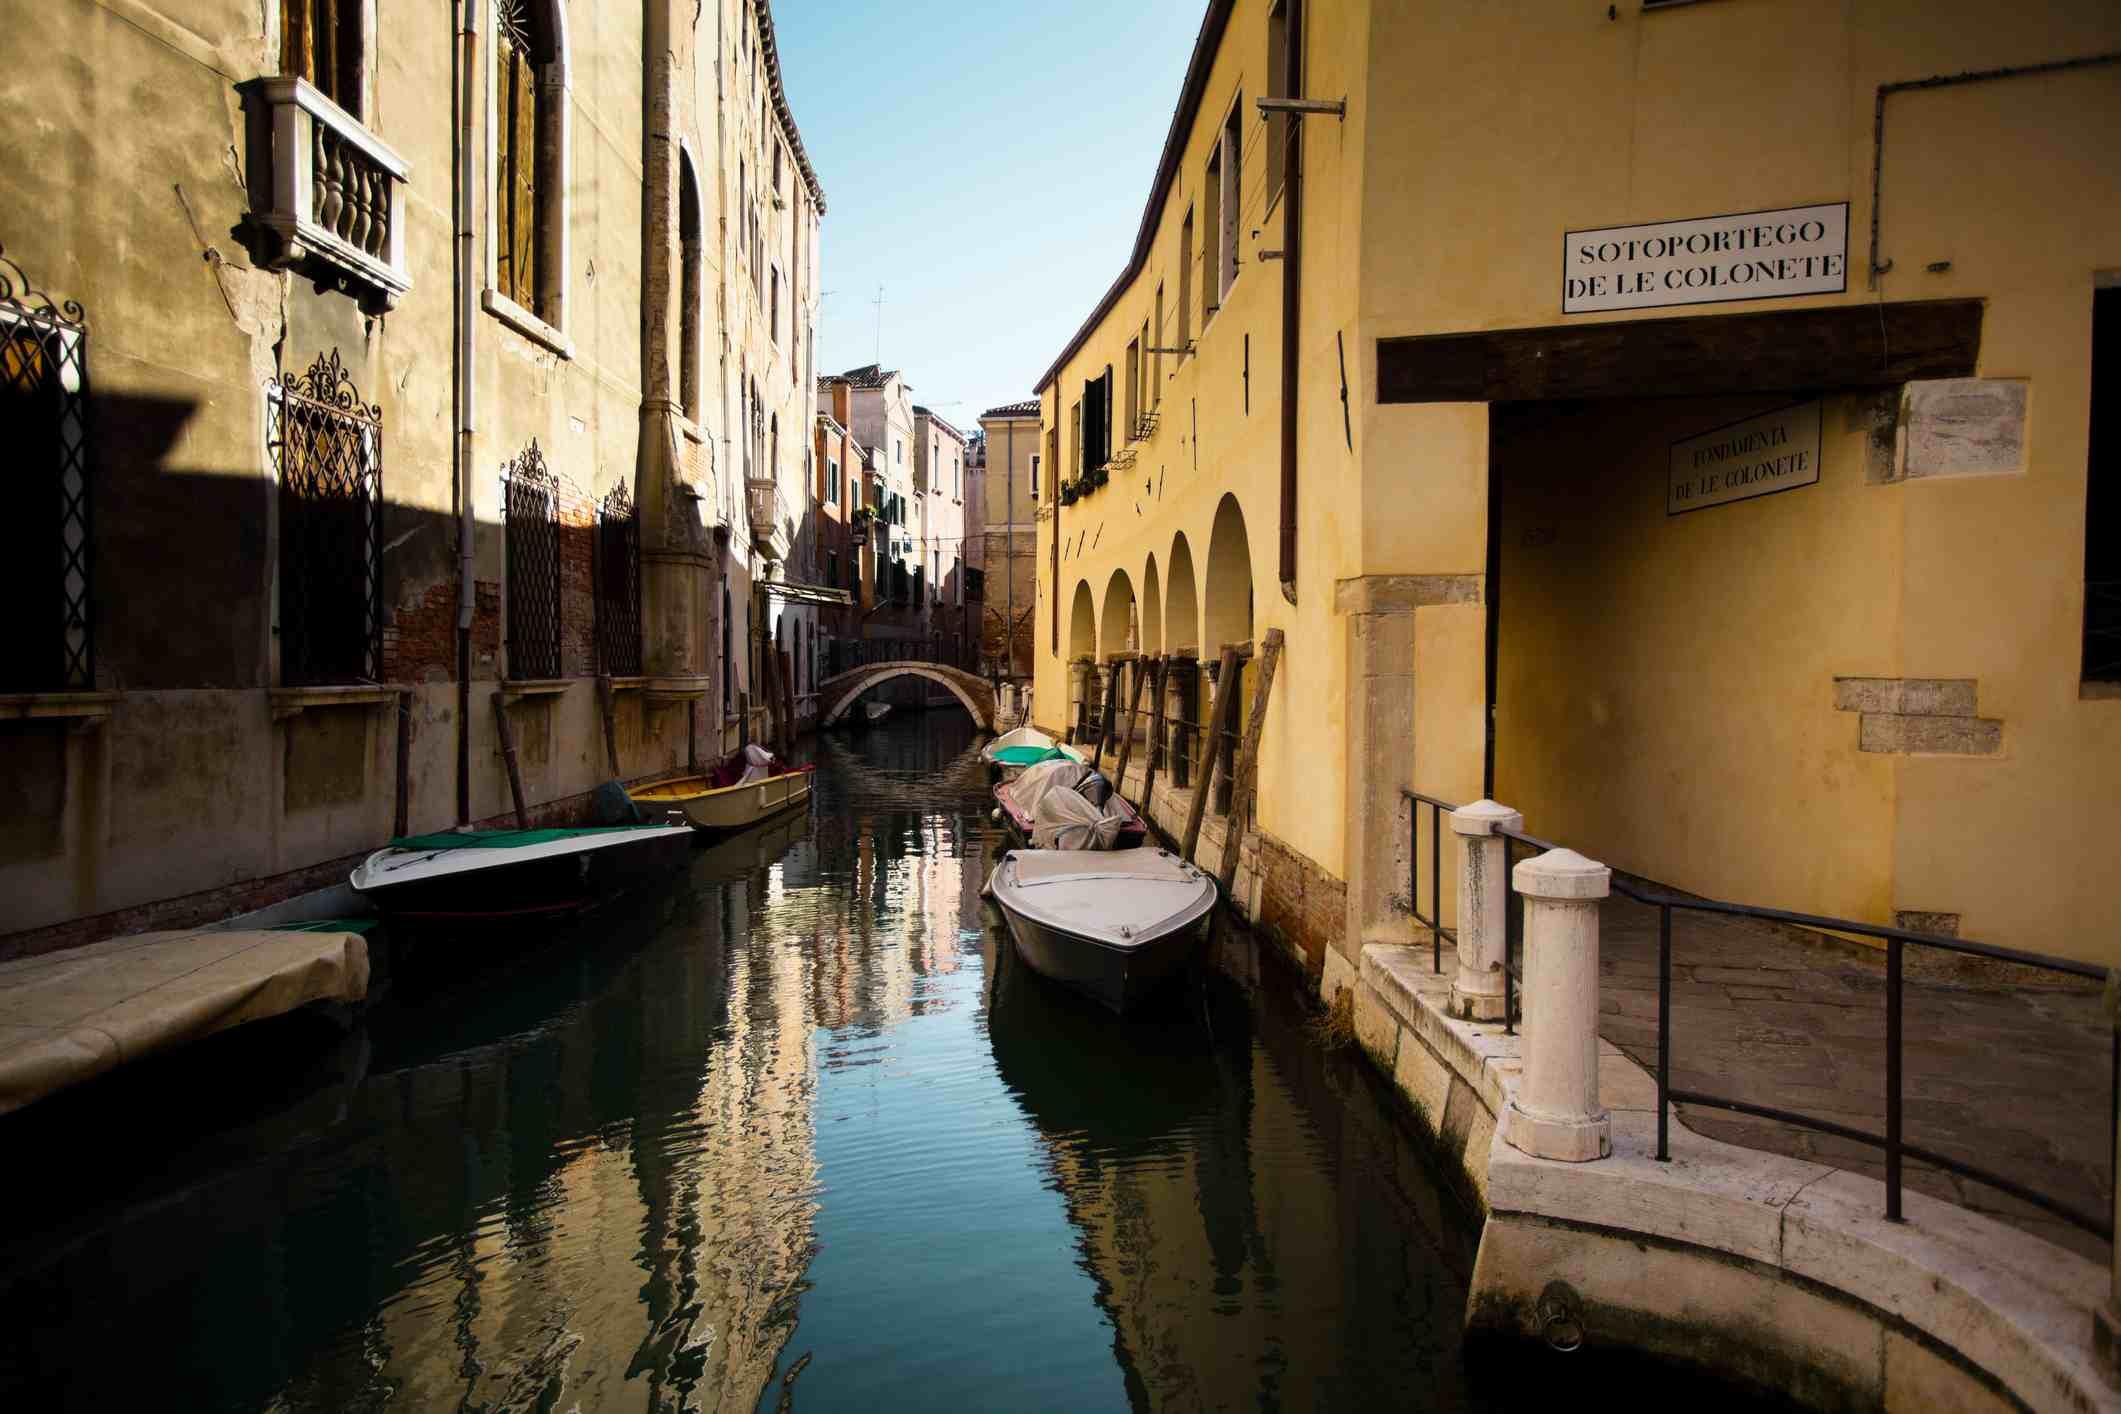 Sotoportego De Le Colonete Canal, Venice, Italy